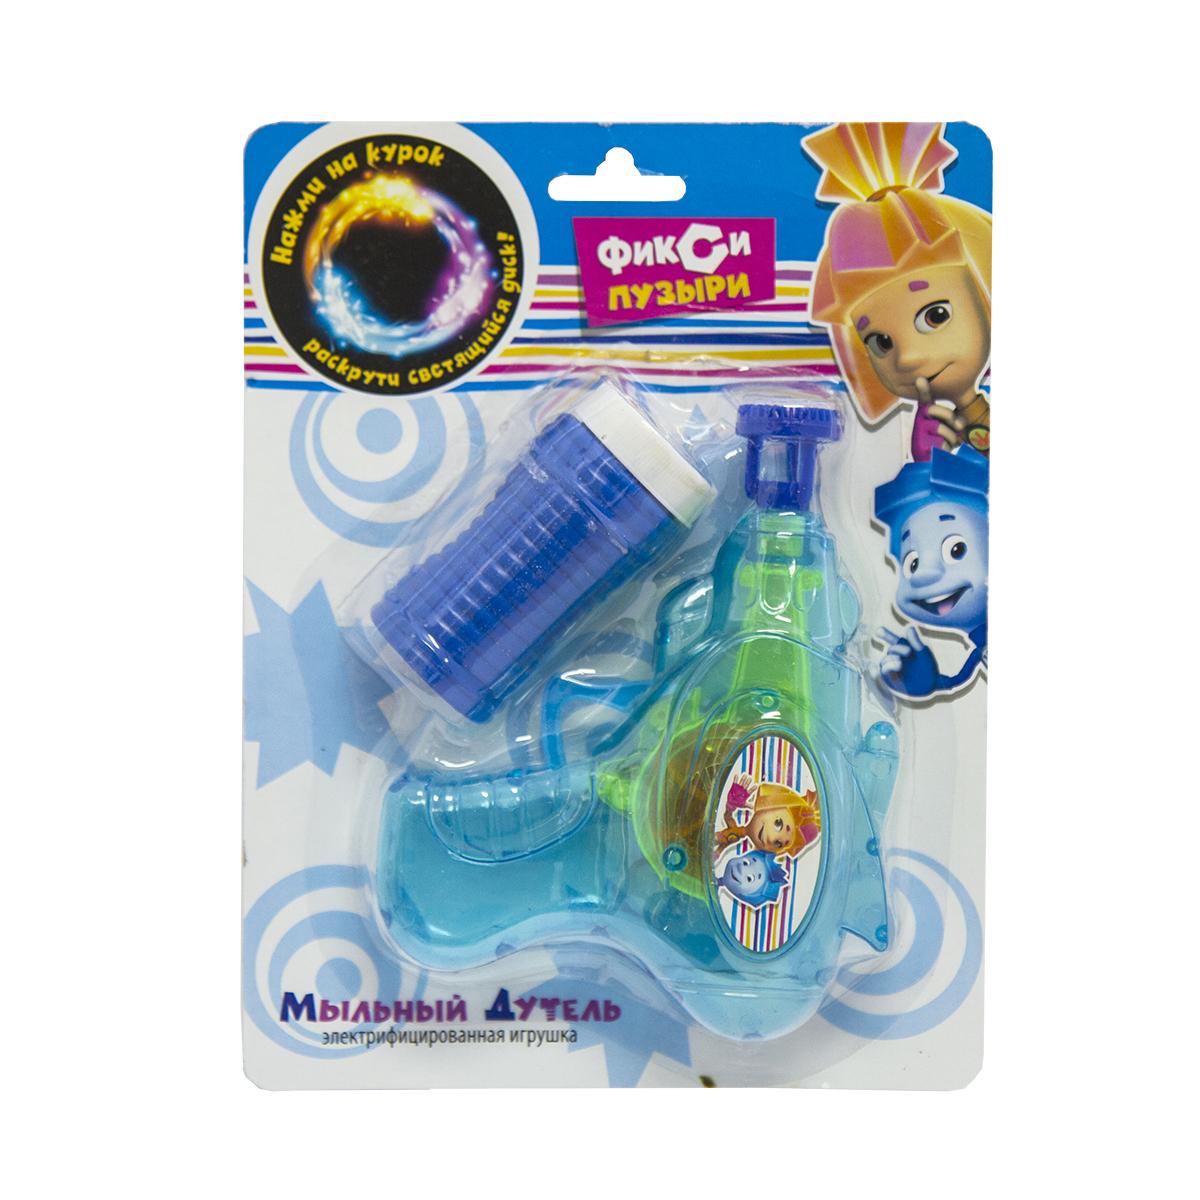 Веселая затея Мыльный Дутель Фиксики светящийся1504-0437Игрушка для пускания мыльных пузырей: пистолет. Инерционныймеханизм - батарейки НЕ требуются! Насадку пистолета нужно опустить вмыльный раствор, и мыльные пузыри получаются одним нажатием на кнопку! Внаборе: пластиковый пистолет, баночка с мыльным раство